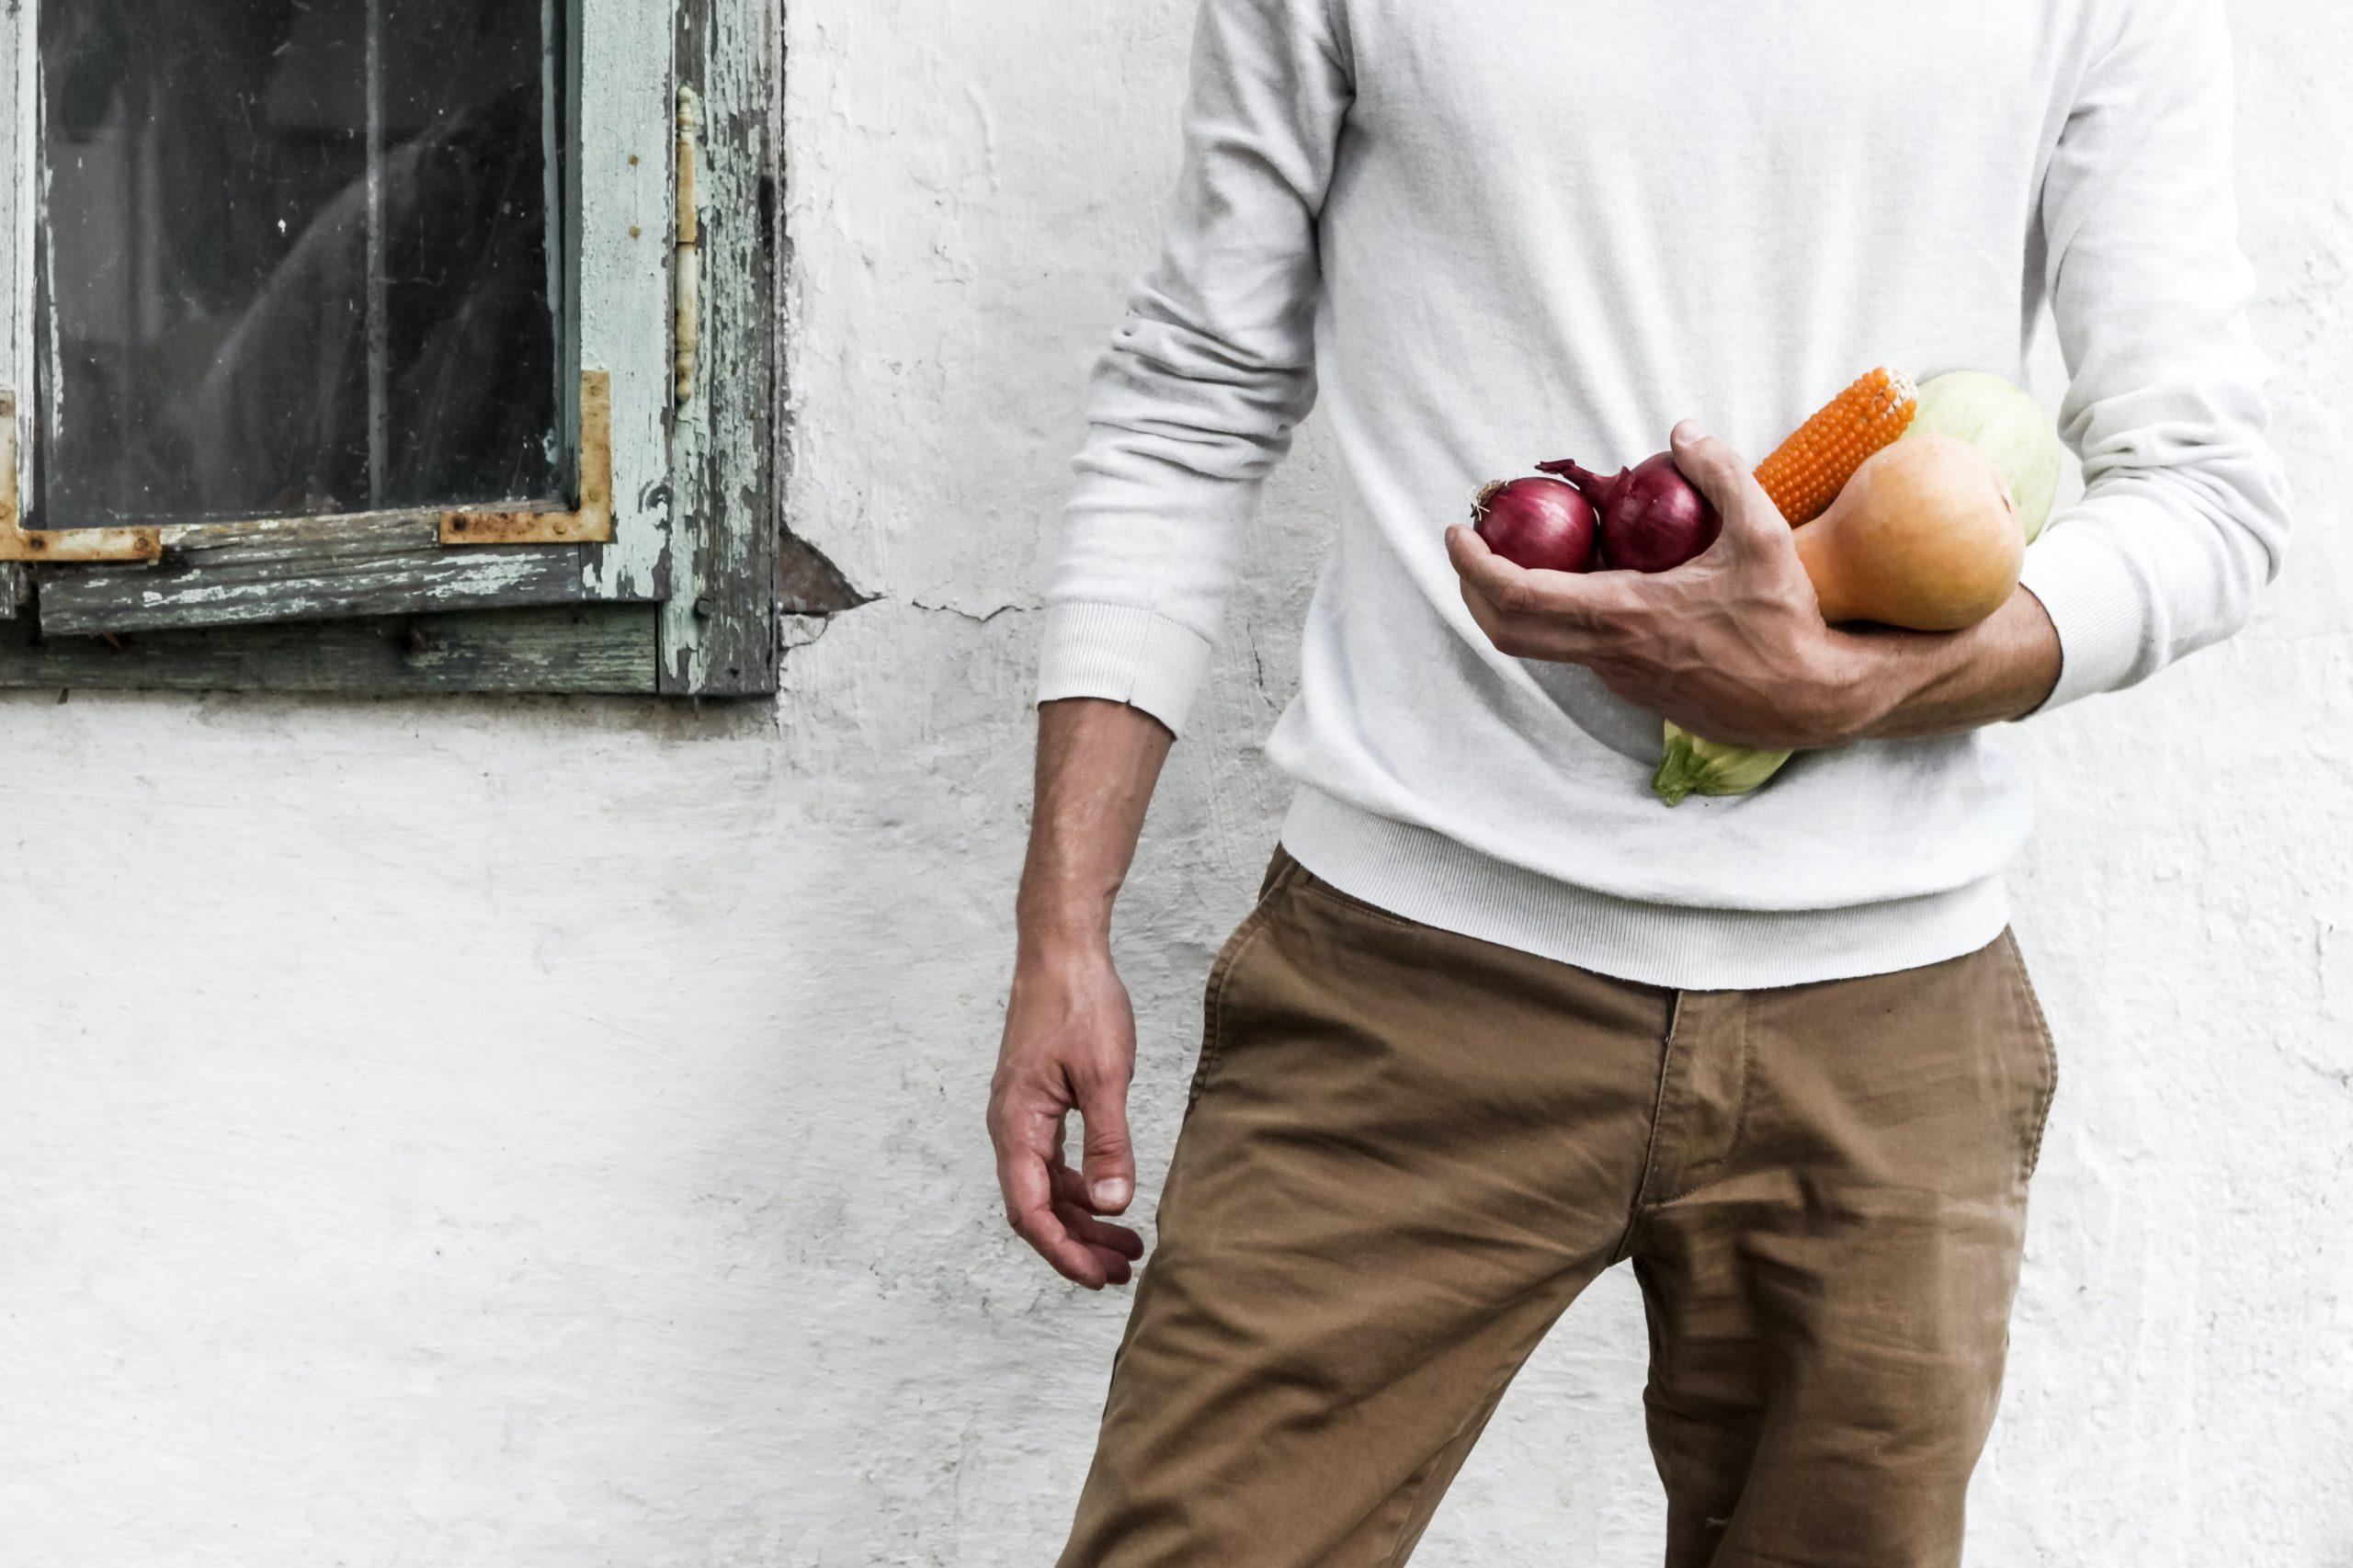 Mann hält Gemüse am Arm